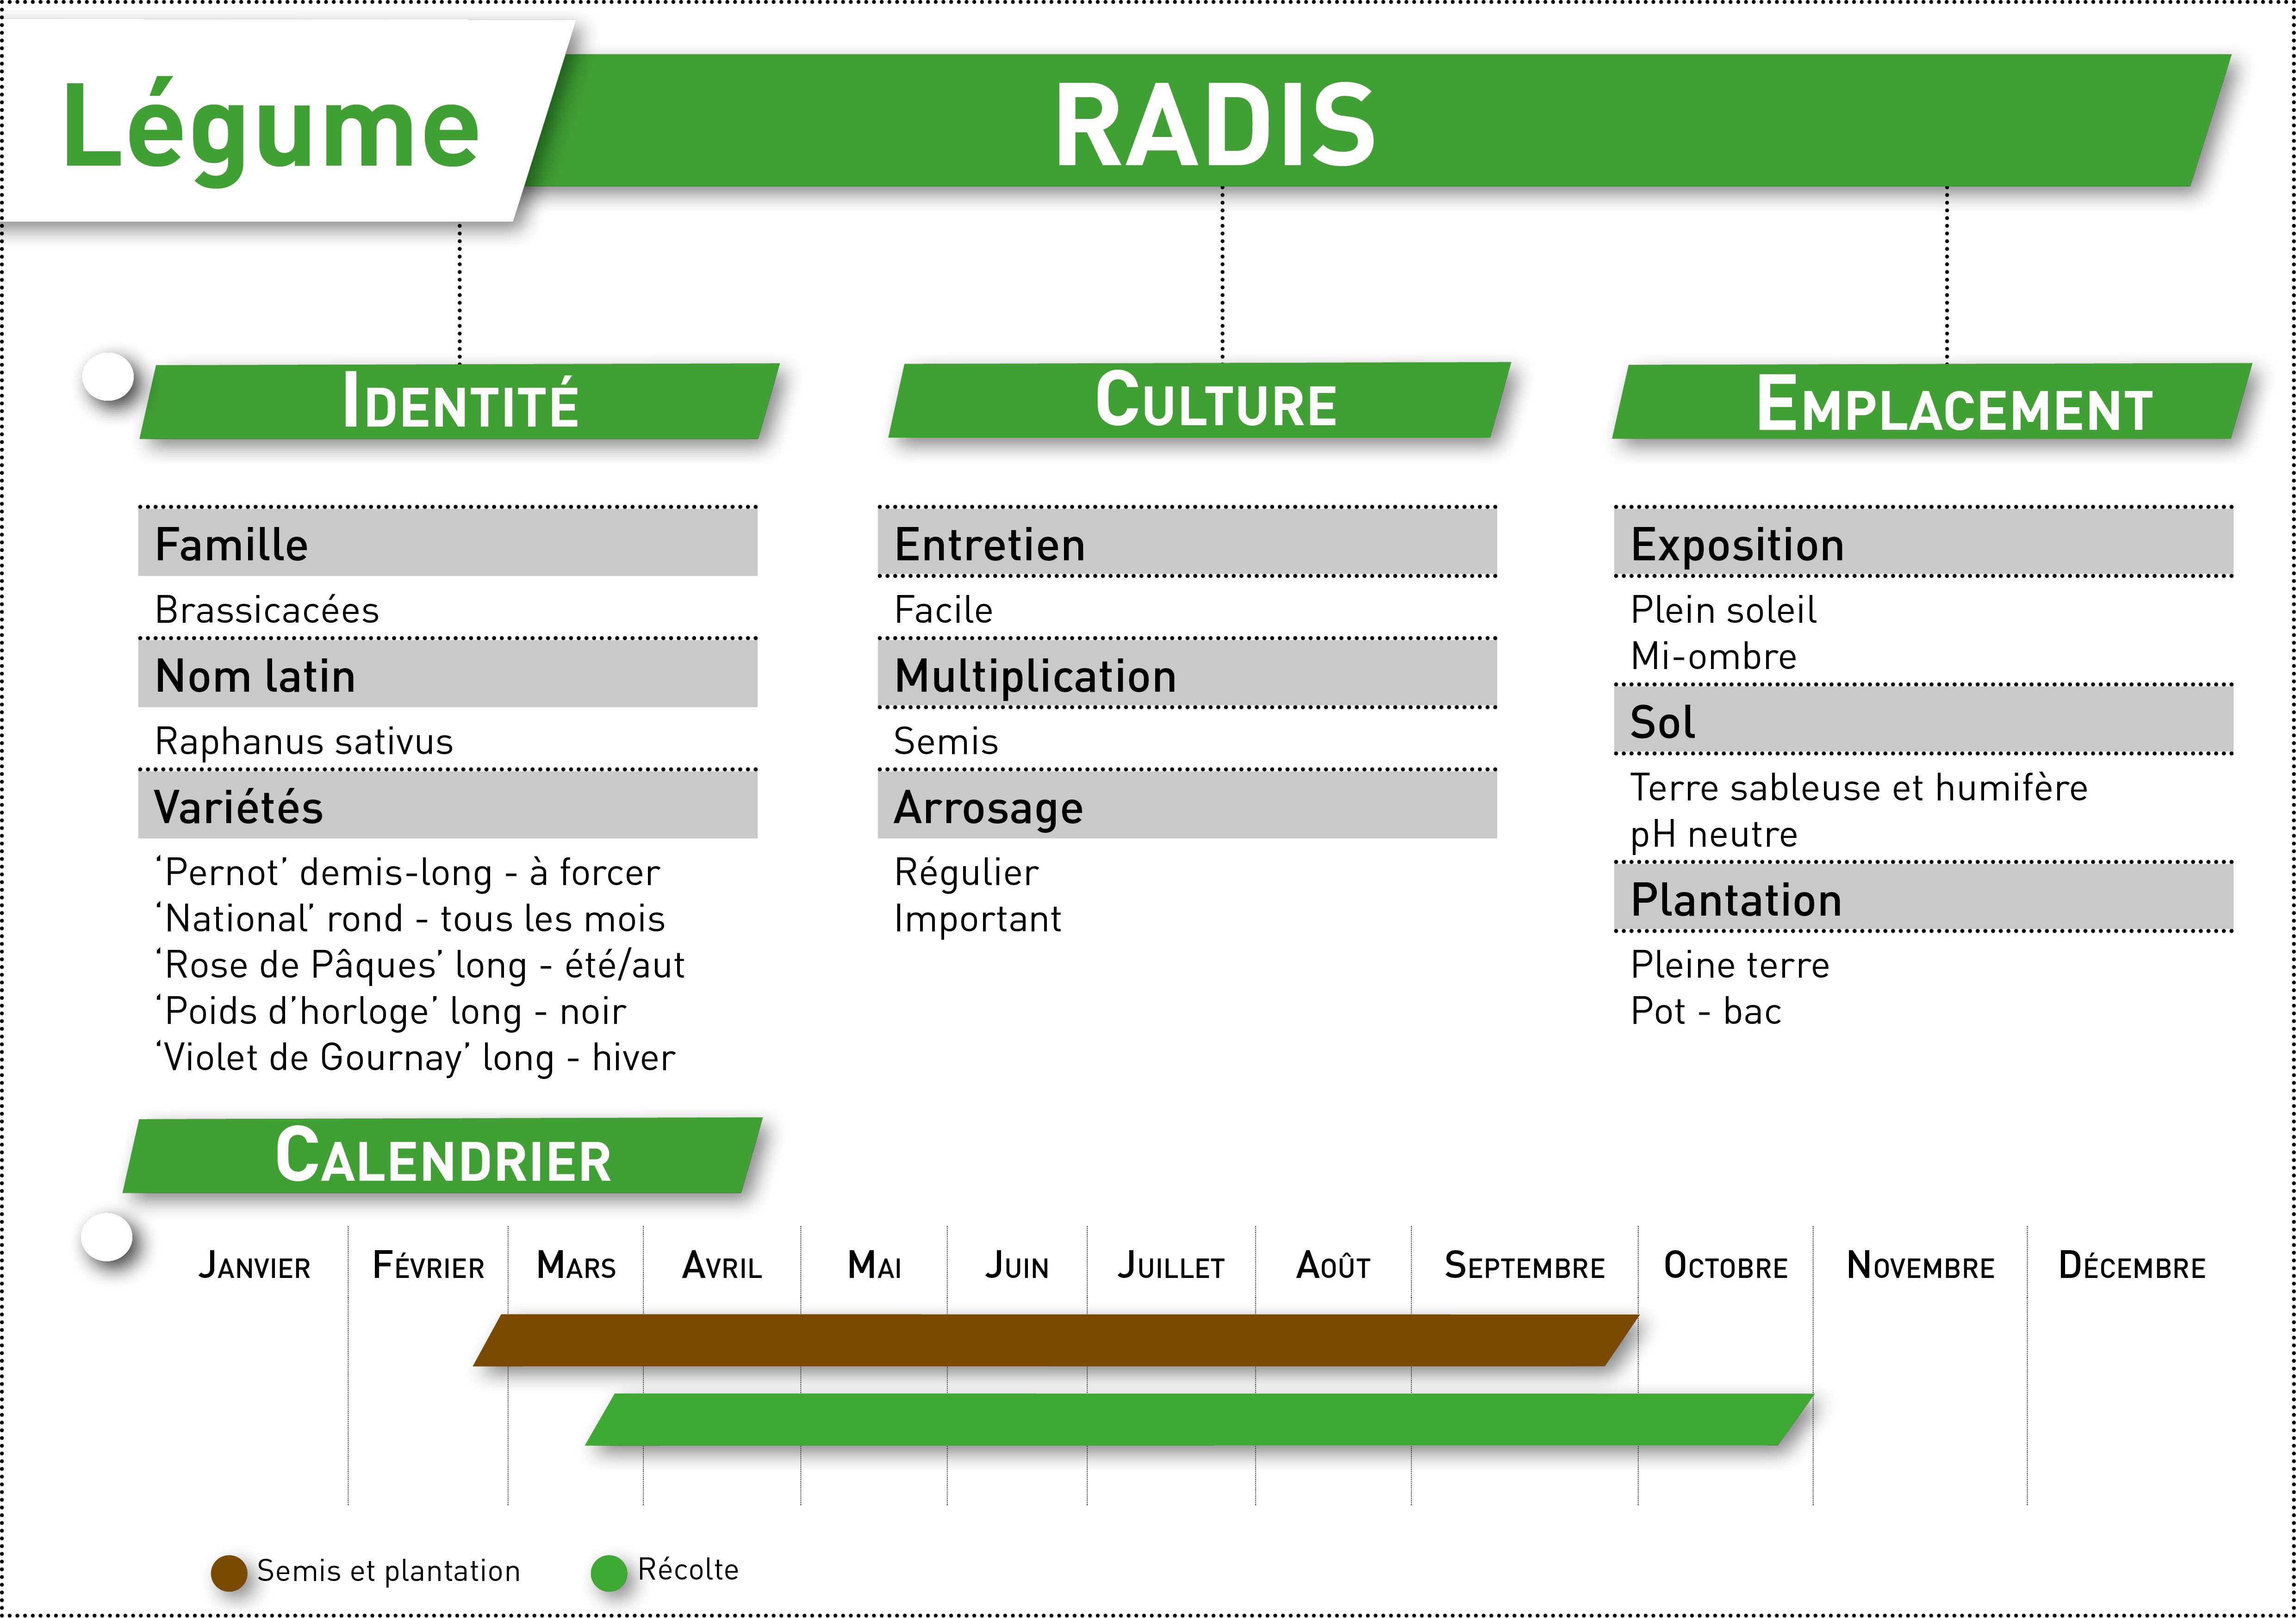 radis